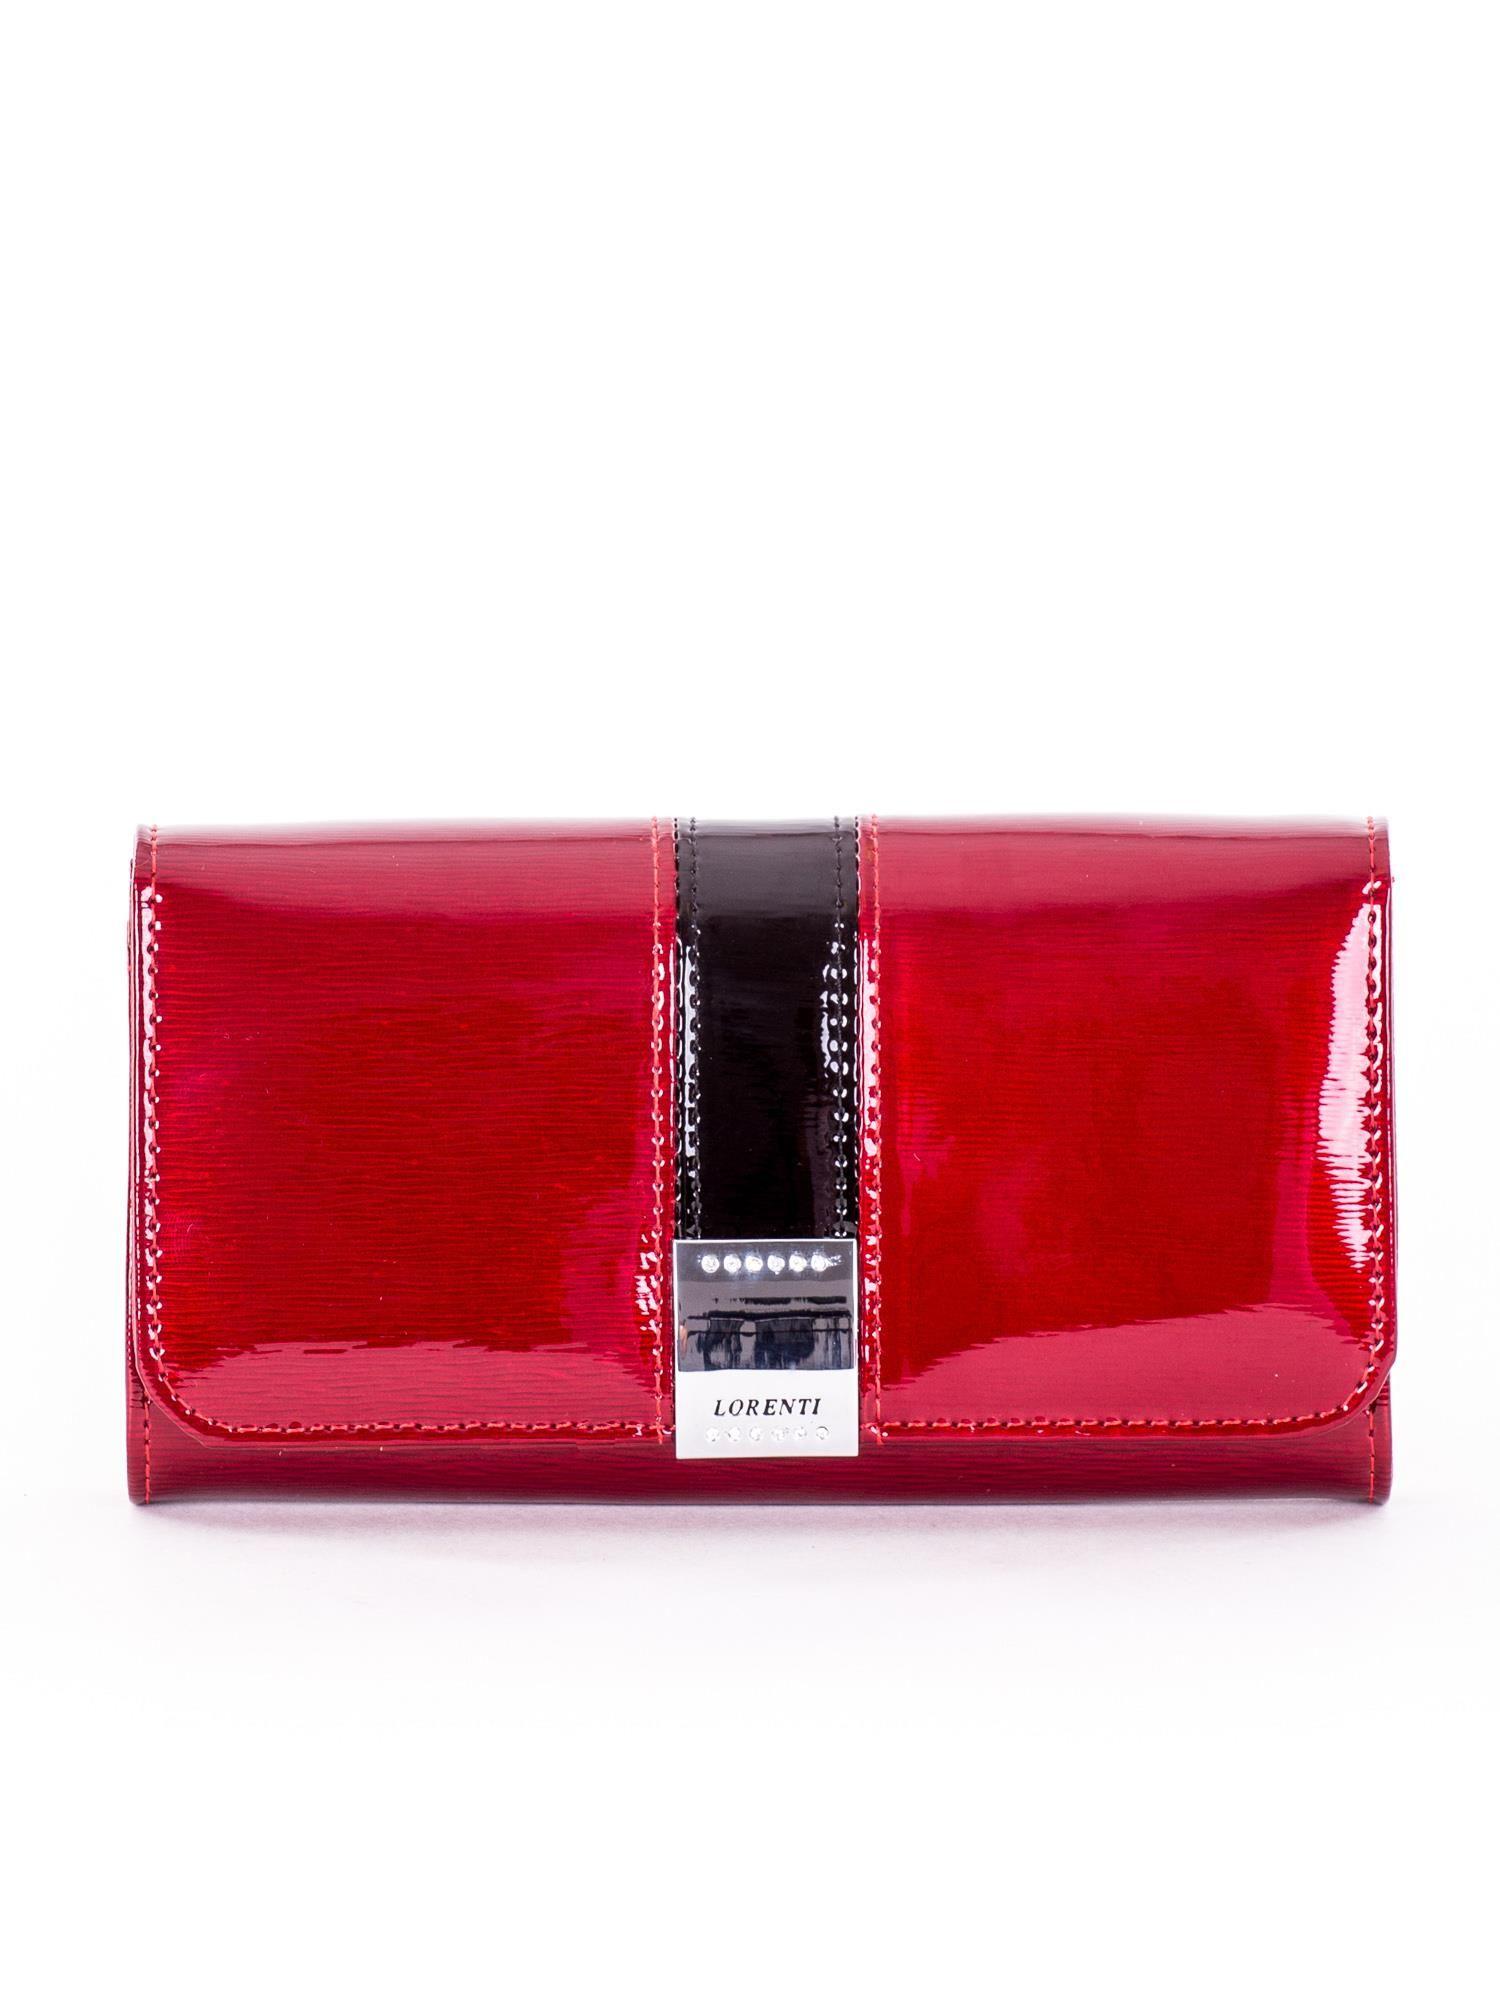 8d697539a0ca6 Portfel damski lakierowany czerwony z ozdobnym zapięciem - Akcesoria  portfele - sklep eButik.pl